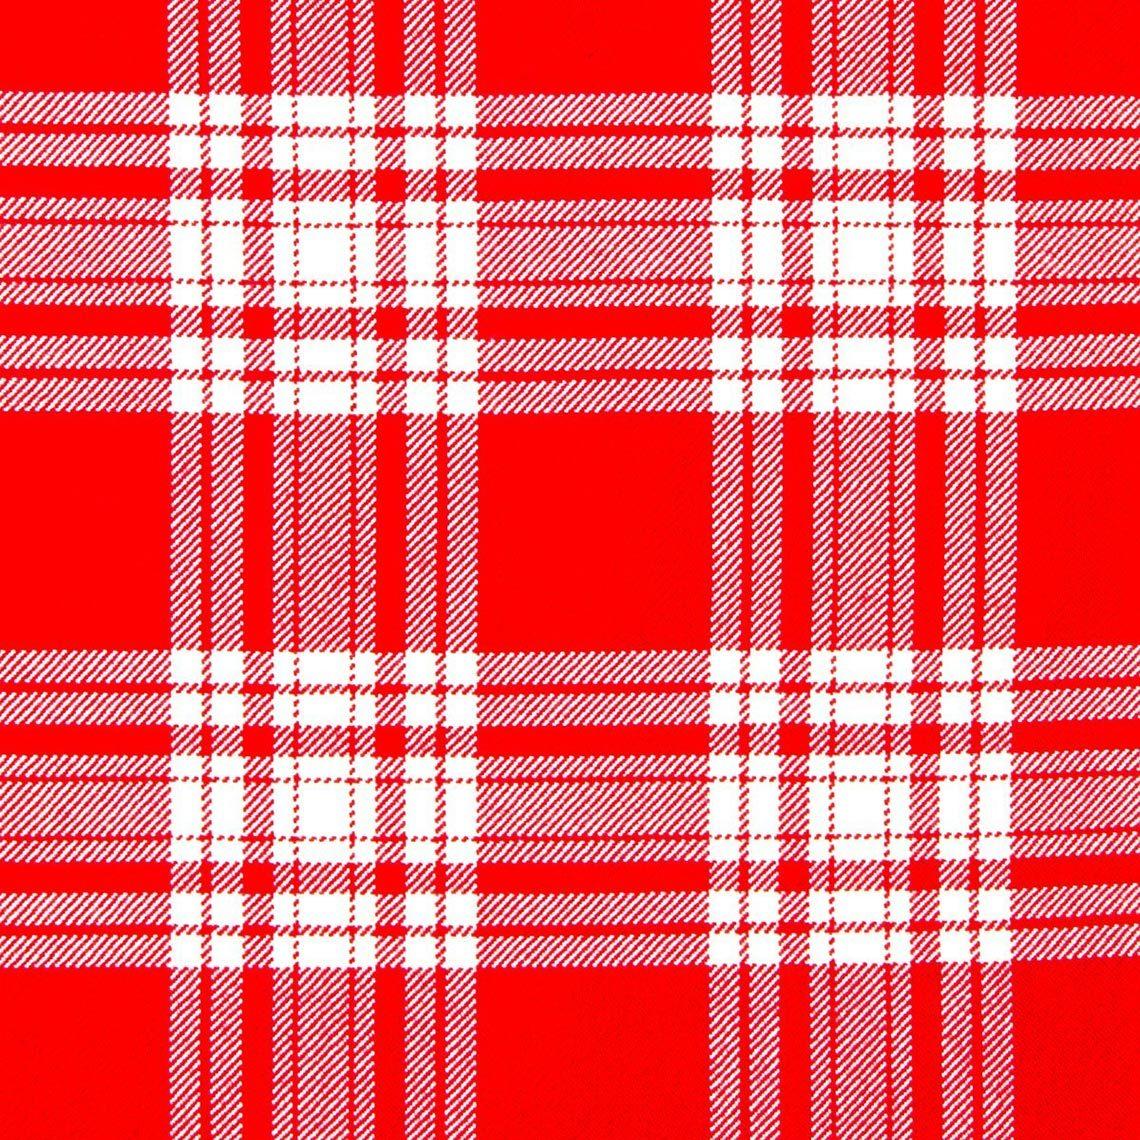 Menzies (Red & White Modern) Kilt